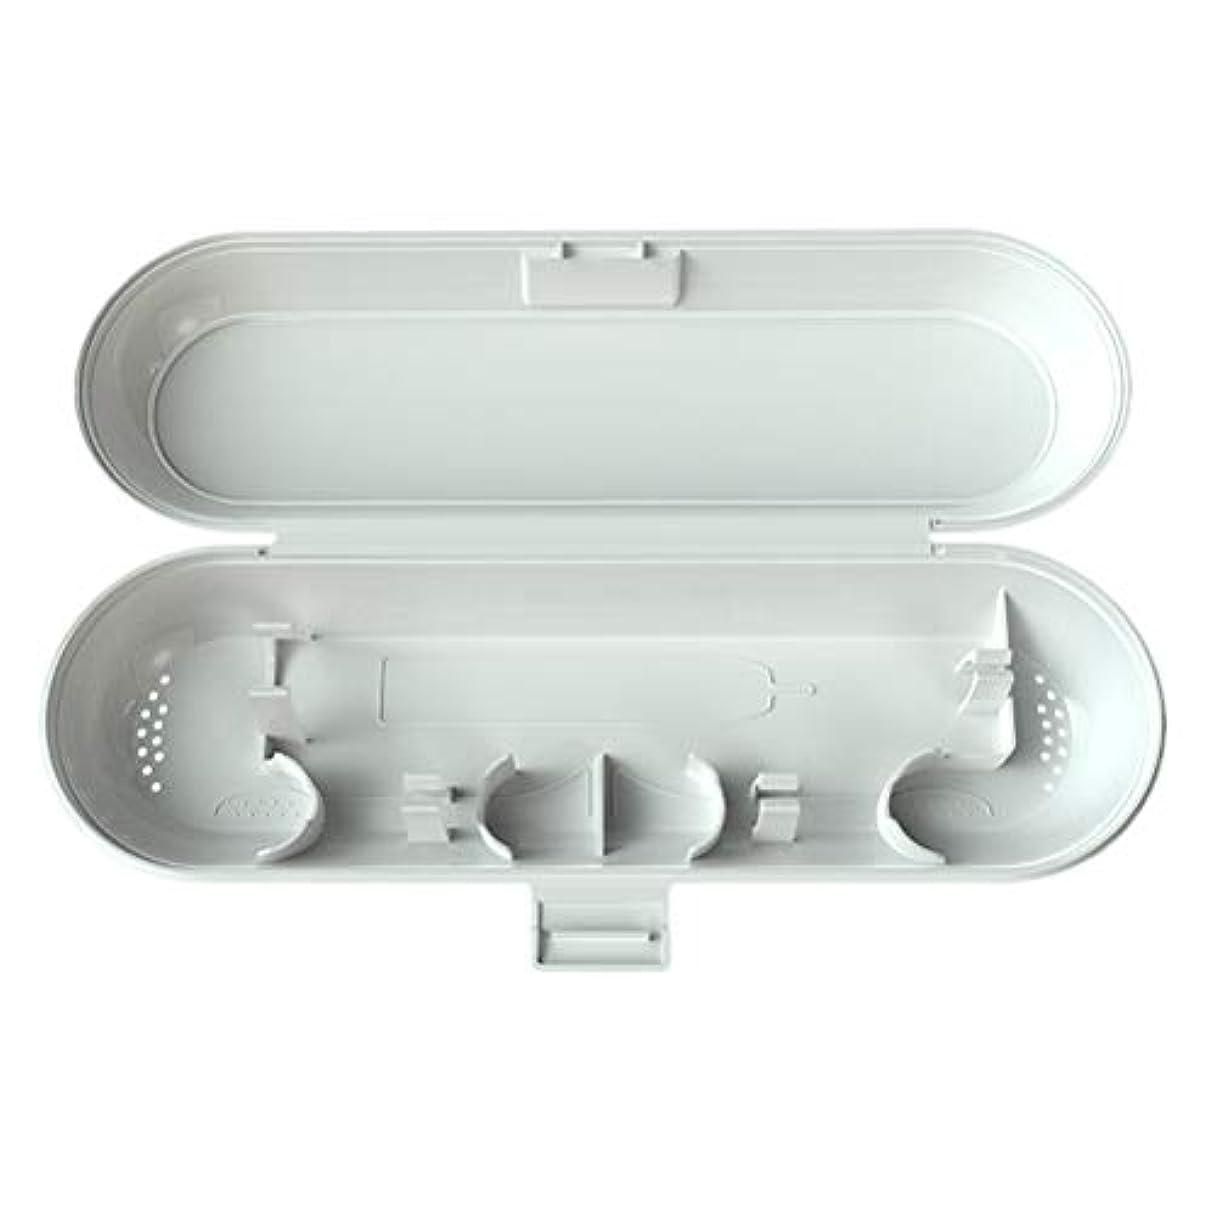 厳密にジャズコースTOPBATHYポータブルプラスチック製電動歯ブラシケースキャンプ用トラベルブラシトラベルボックス(ホワイト)